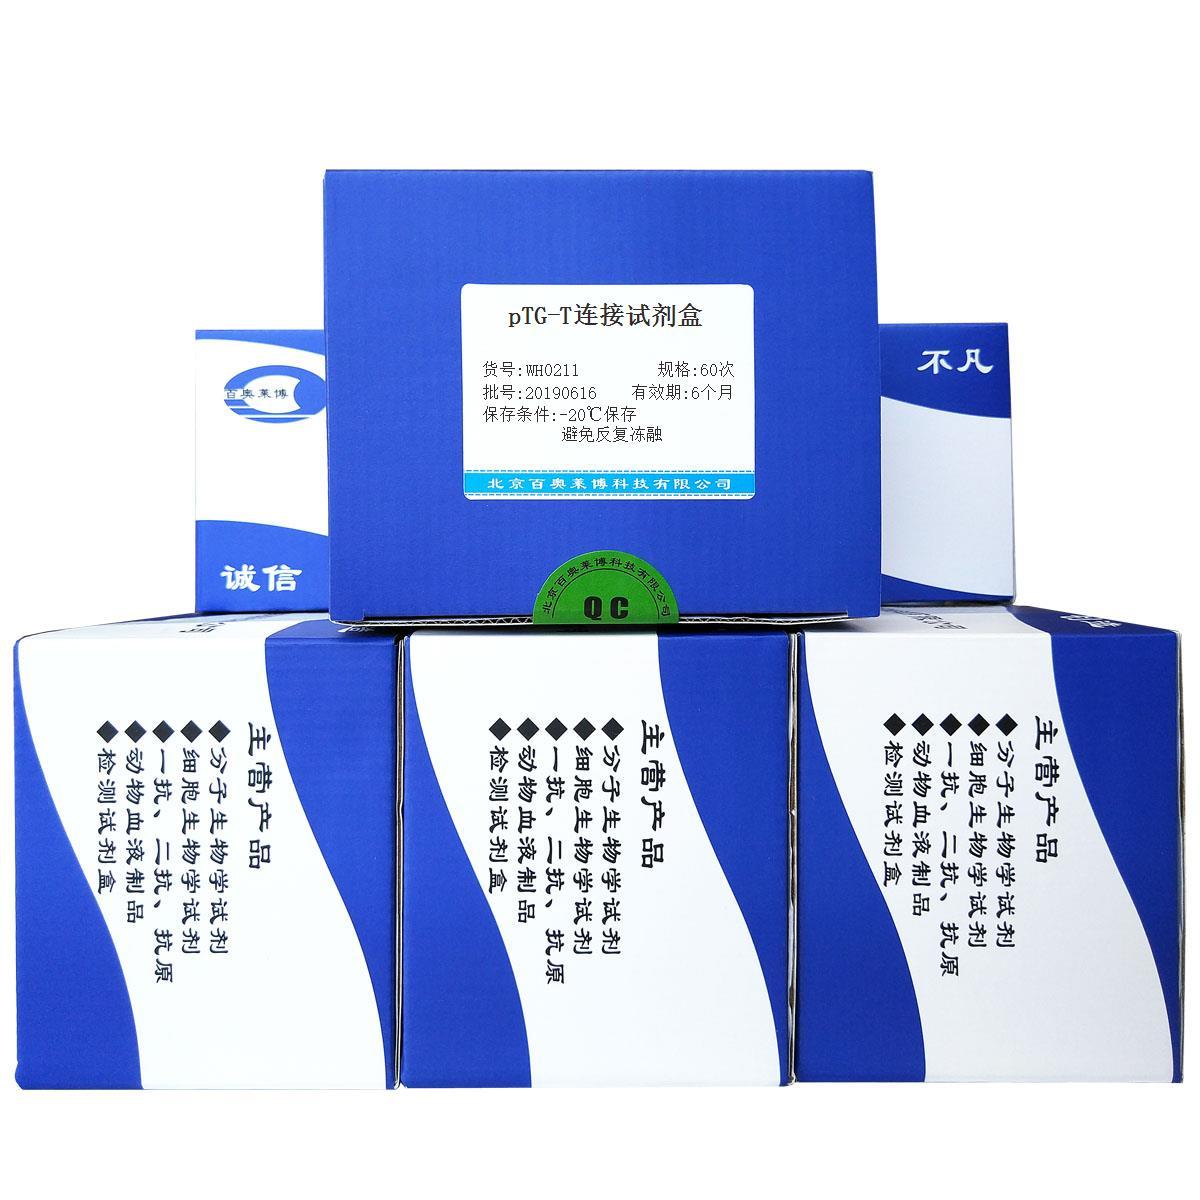 pTG-T连接试剂盒优惠促销